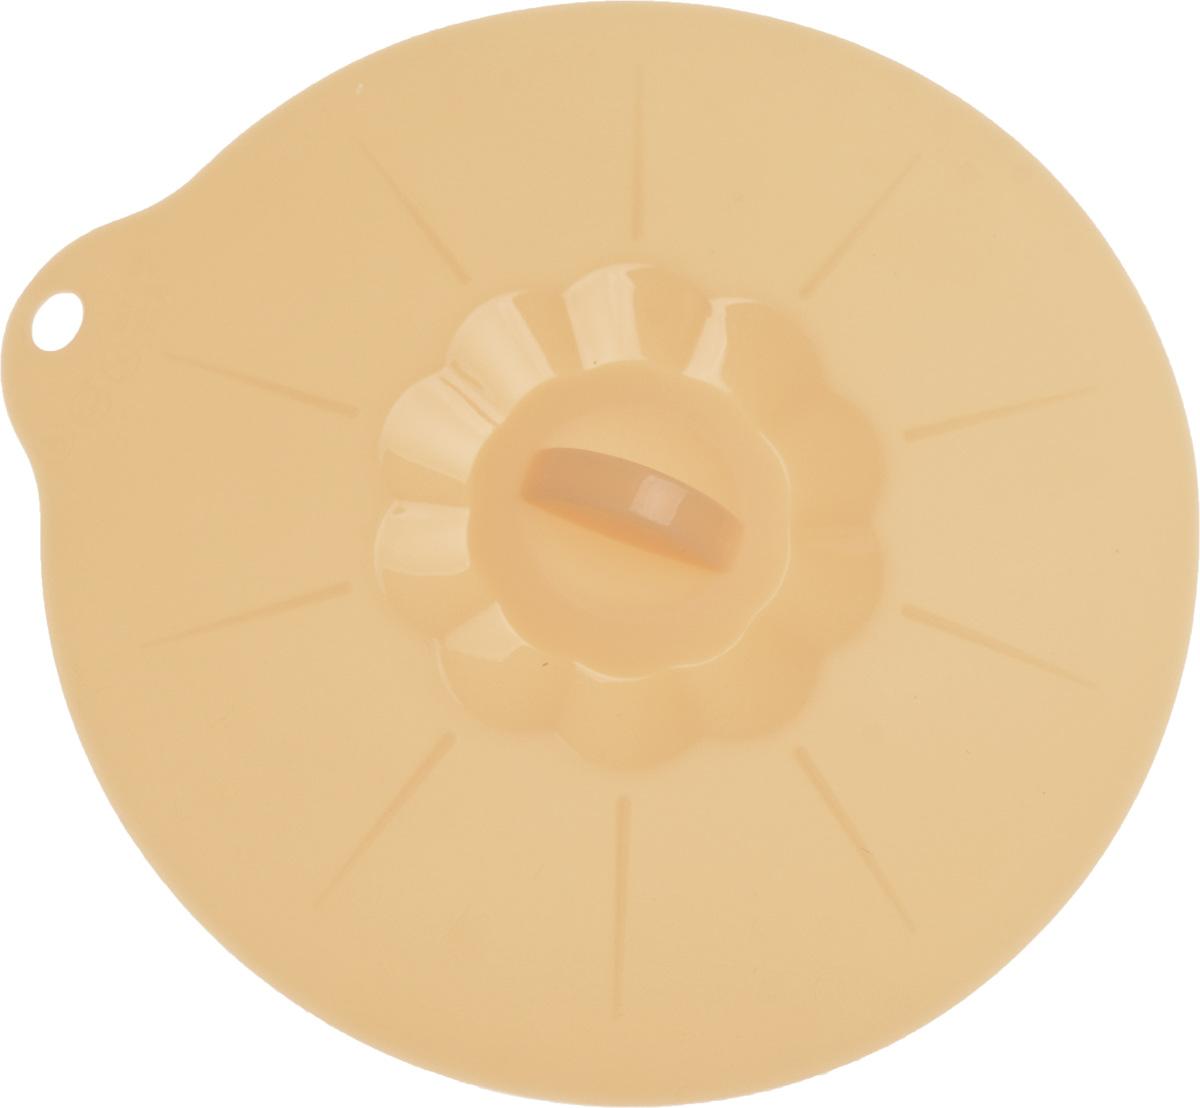 Крышка универсальная Tescoma Fusion, силиконовая, цвет: оранжевый, диаметр 20 см638452Универсальная крышка Tescoma Fusion выполнена из первоклассного жаропрочного силикона, который выдерживает температуру от -40 до +230°С. Изделие предназначено для воздухонепроницаемого закрывания всей стандартной посуды с плоскими краями, особенно мисок и кастрюль, с диаметром меньшим, чем диаметр самой крышки. Можно использовать для металлической, стеклянной, керамической и пластмассовой посуды. Крышка подходит для использования во всех видах духовок, микроволновой печи. Можно мыть в посудомоечной машине.